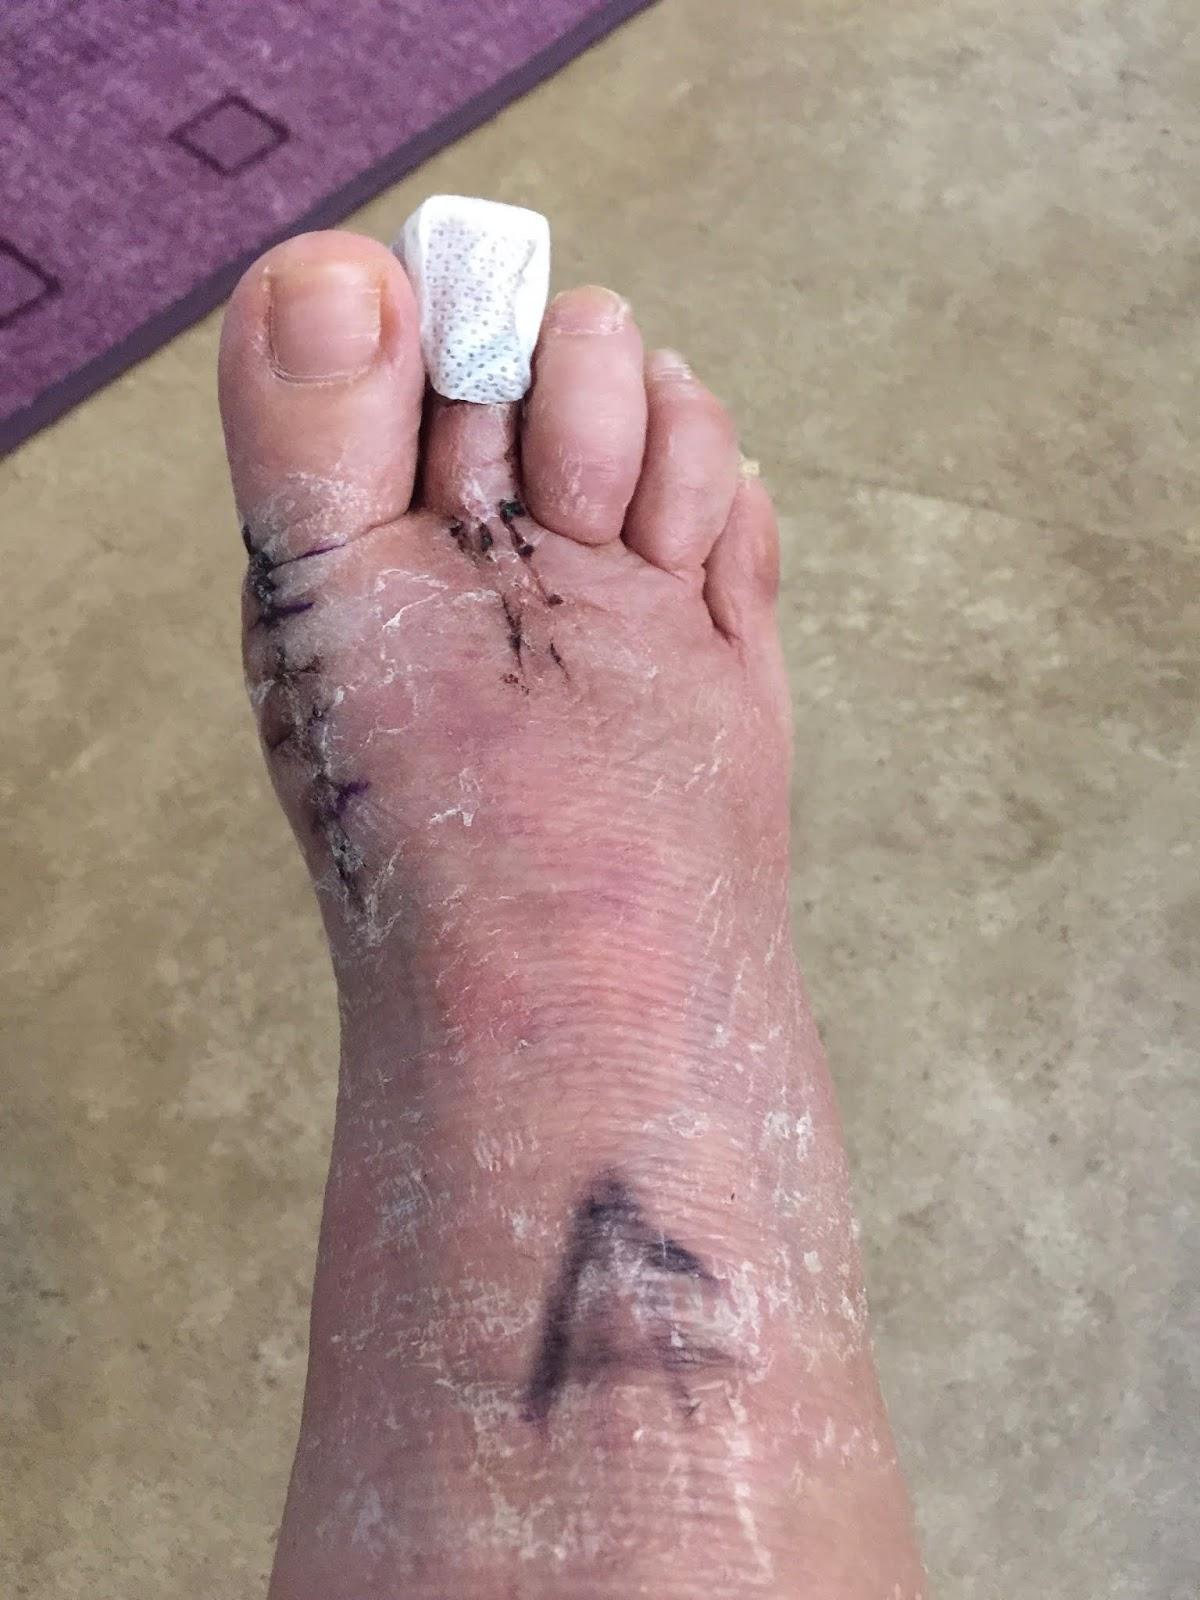 svullen fot efter knäoperation